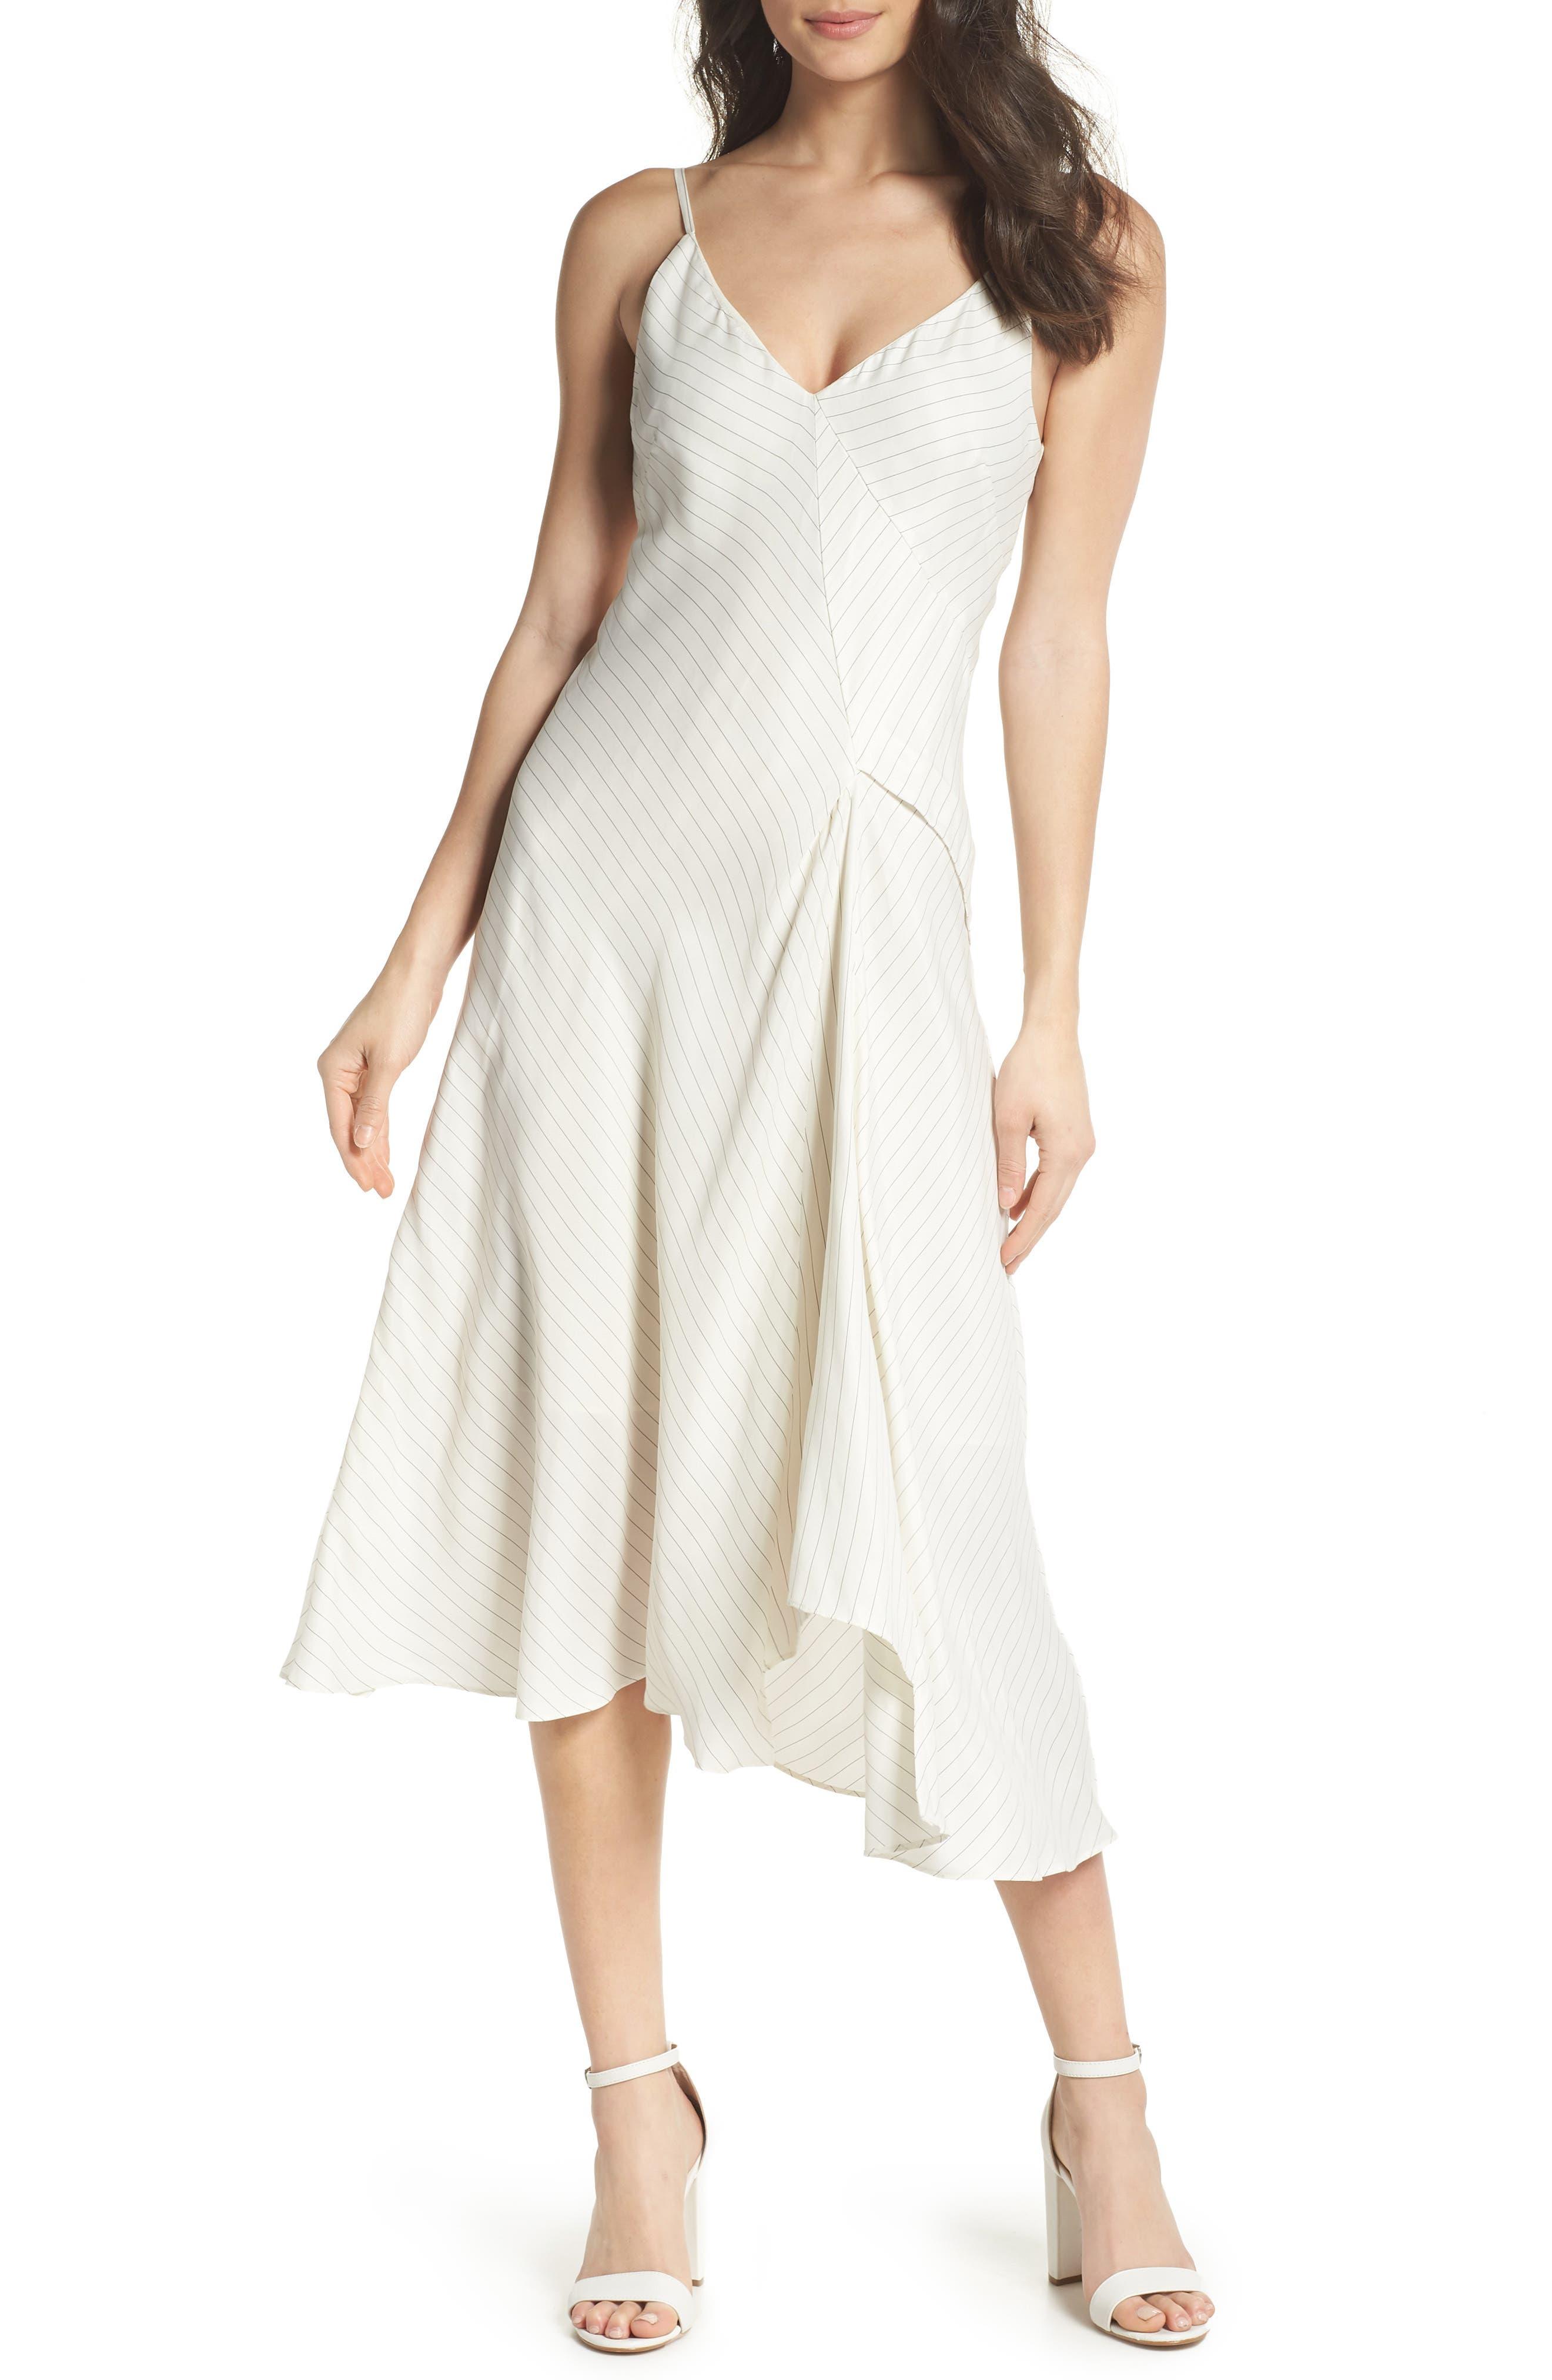 Bay Area Pinstripe Asymmetric Midi Dress,                         Main,                         color, Cream